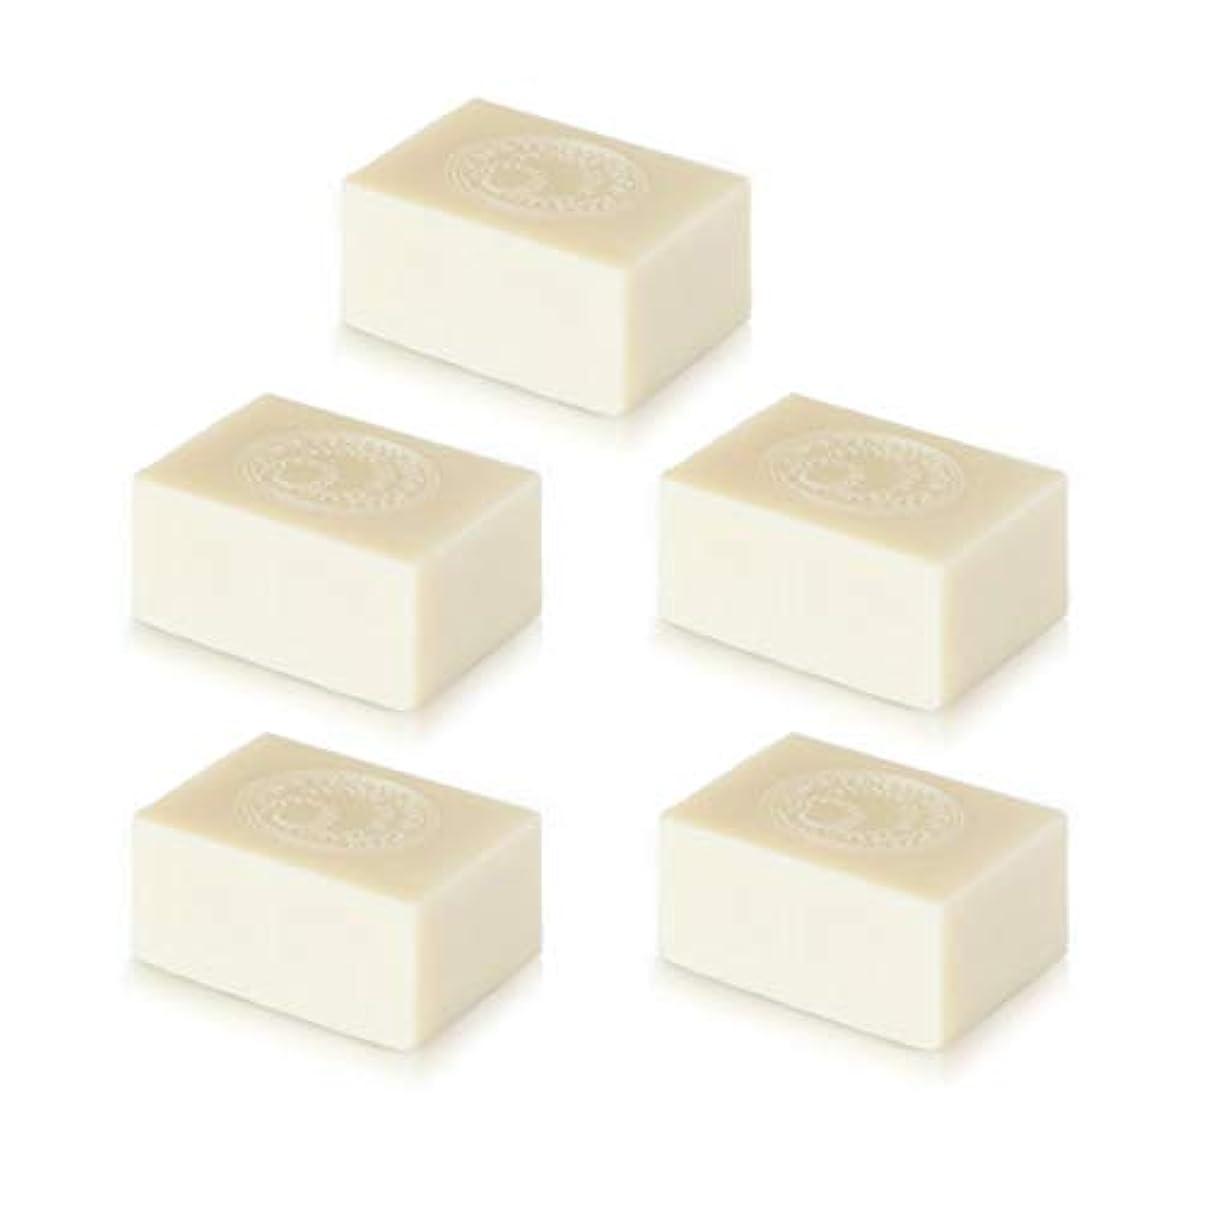 チーター司教座標ナイアード アルガン石鹸5個セット( 145g ×5個)無添加アルガン石鹸